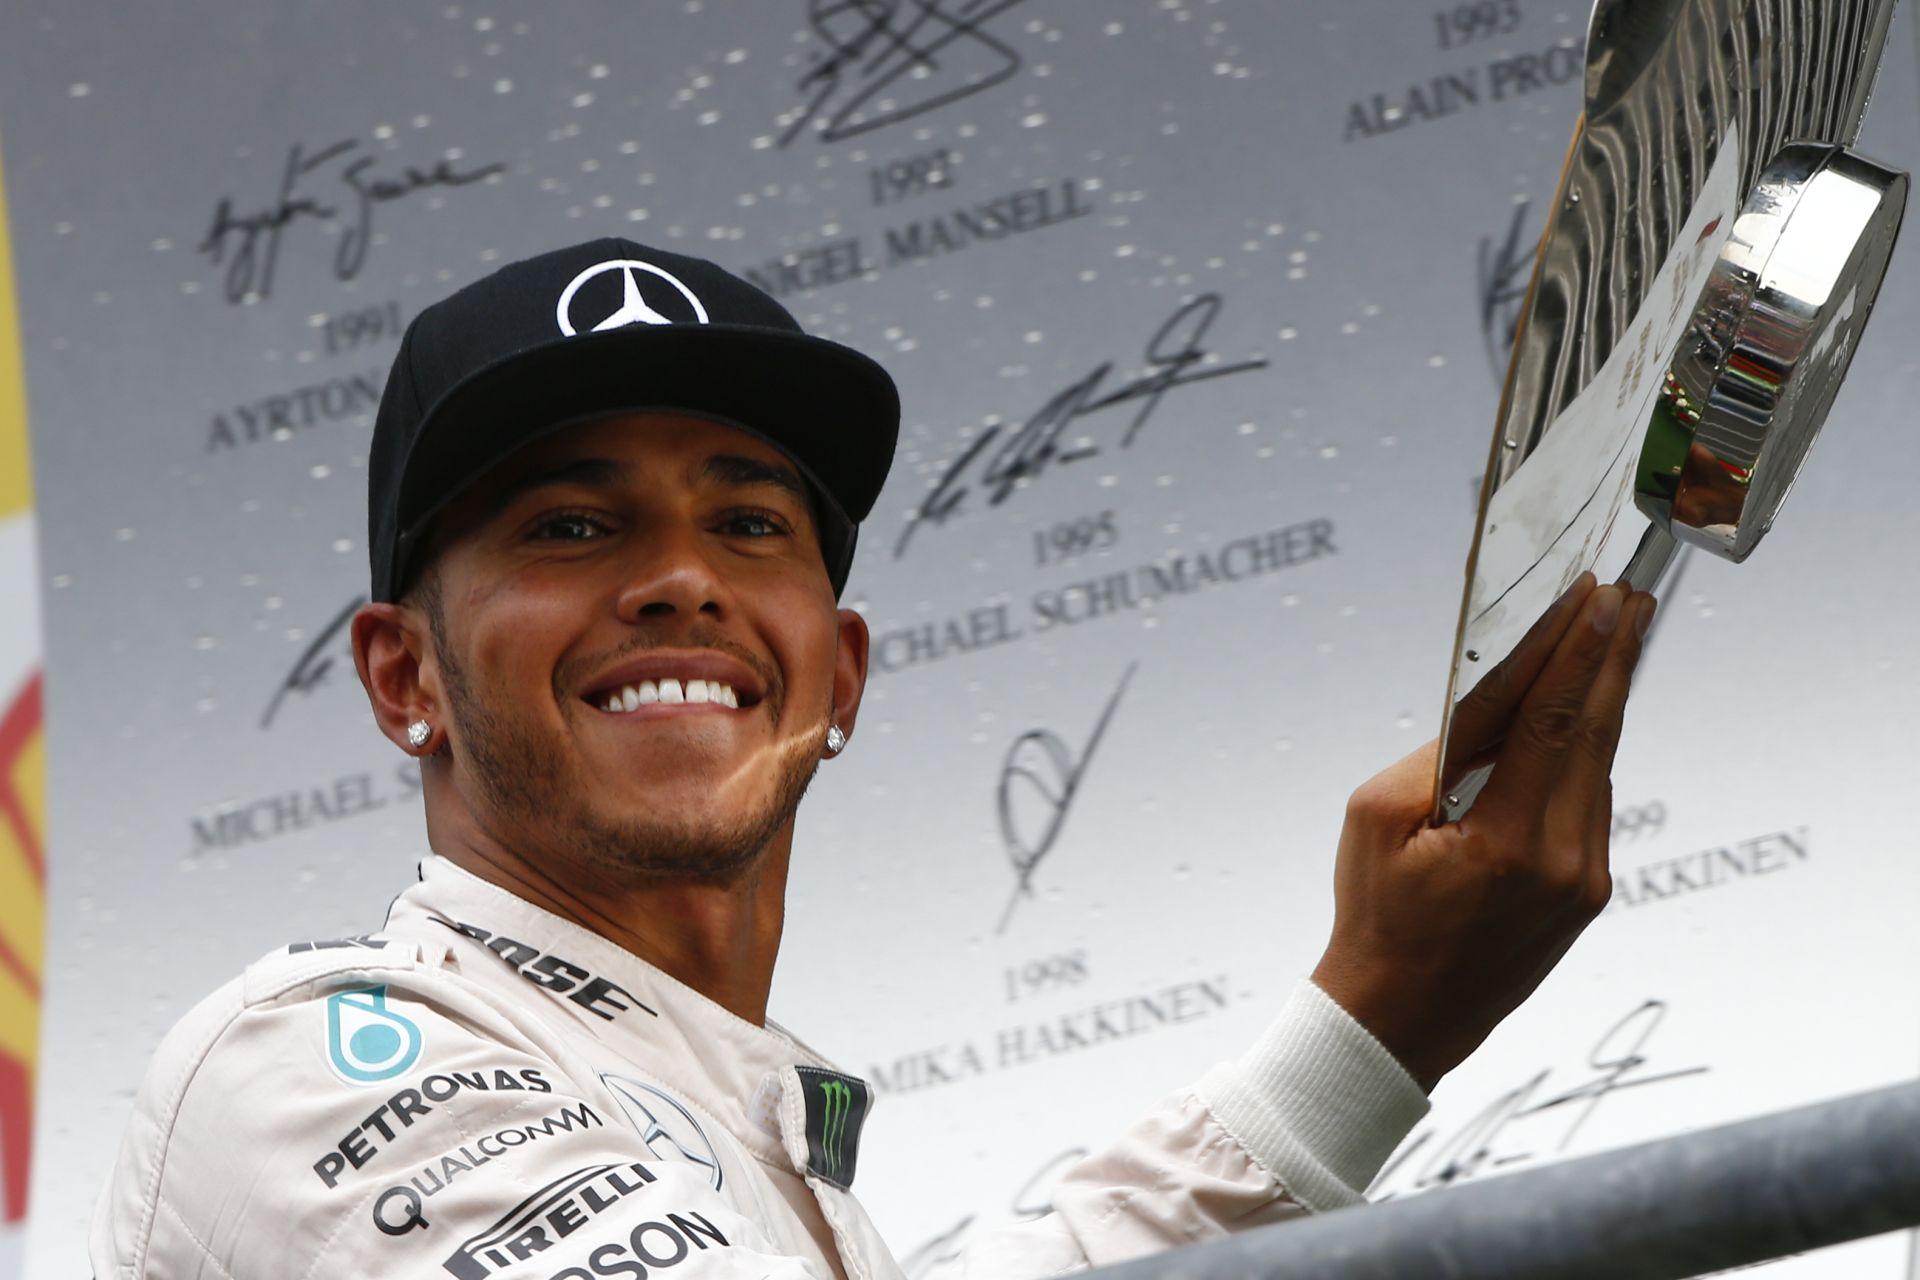 Hamilton: Ha a Mercedes továbbra is bajnok akar lenni, nem ad motort a Red Bullnak